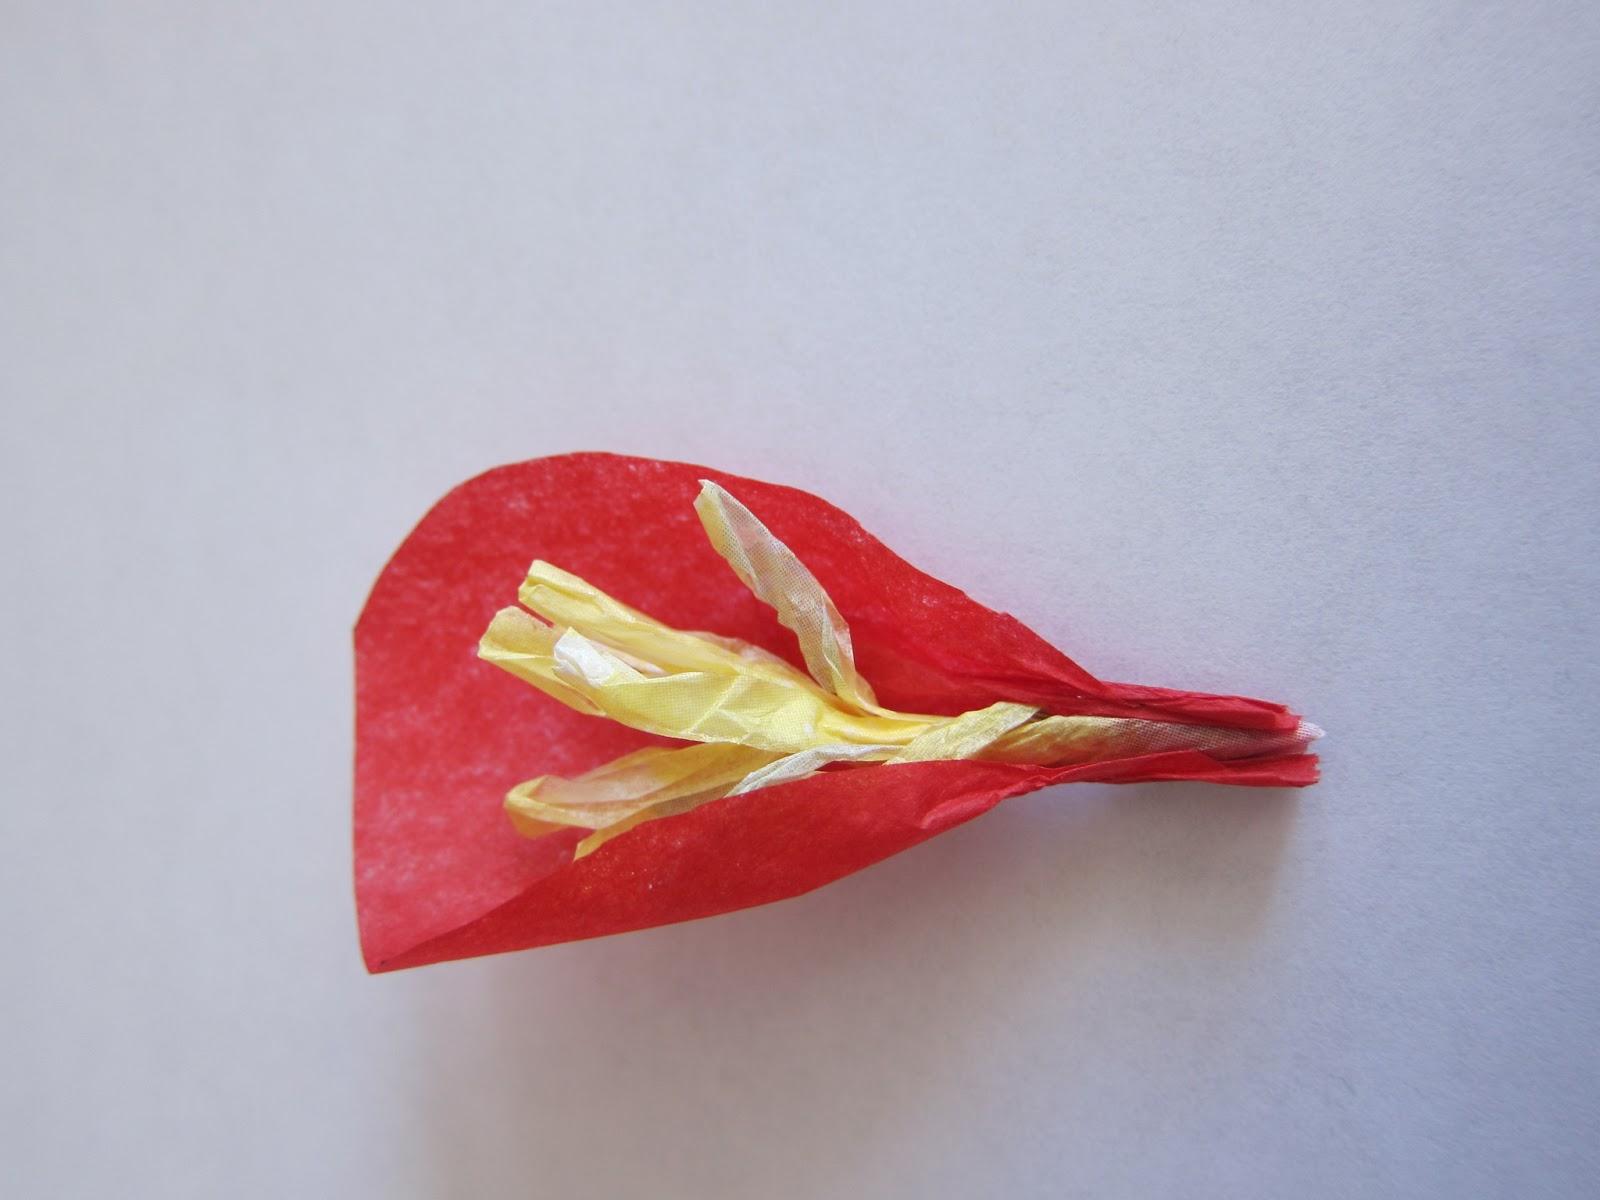 Tissue Paper Flower Gift Wrapping Tutorial Brushnpaper